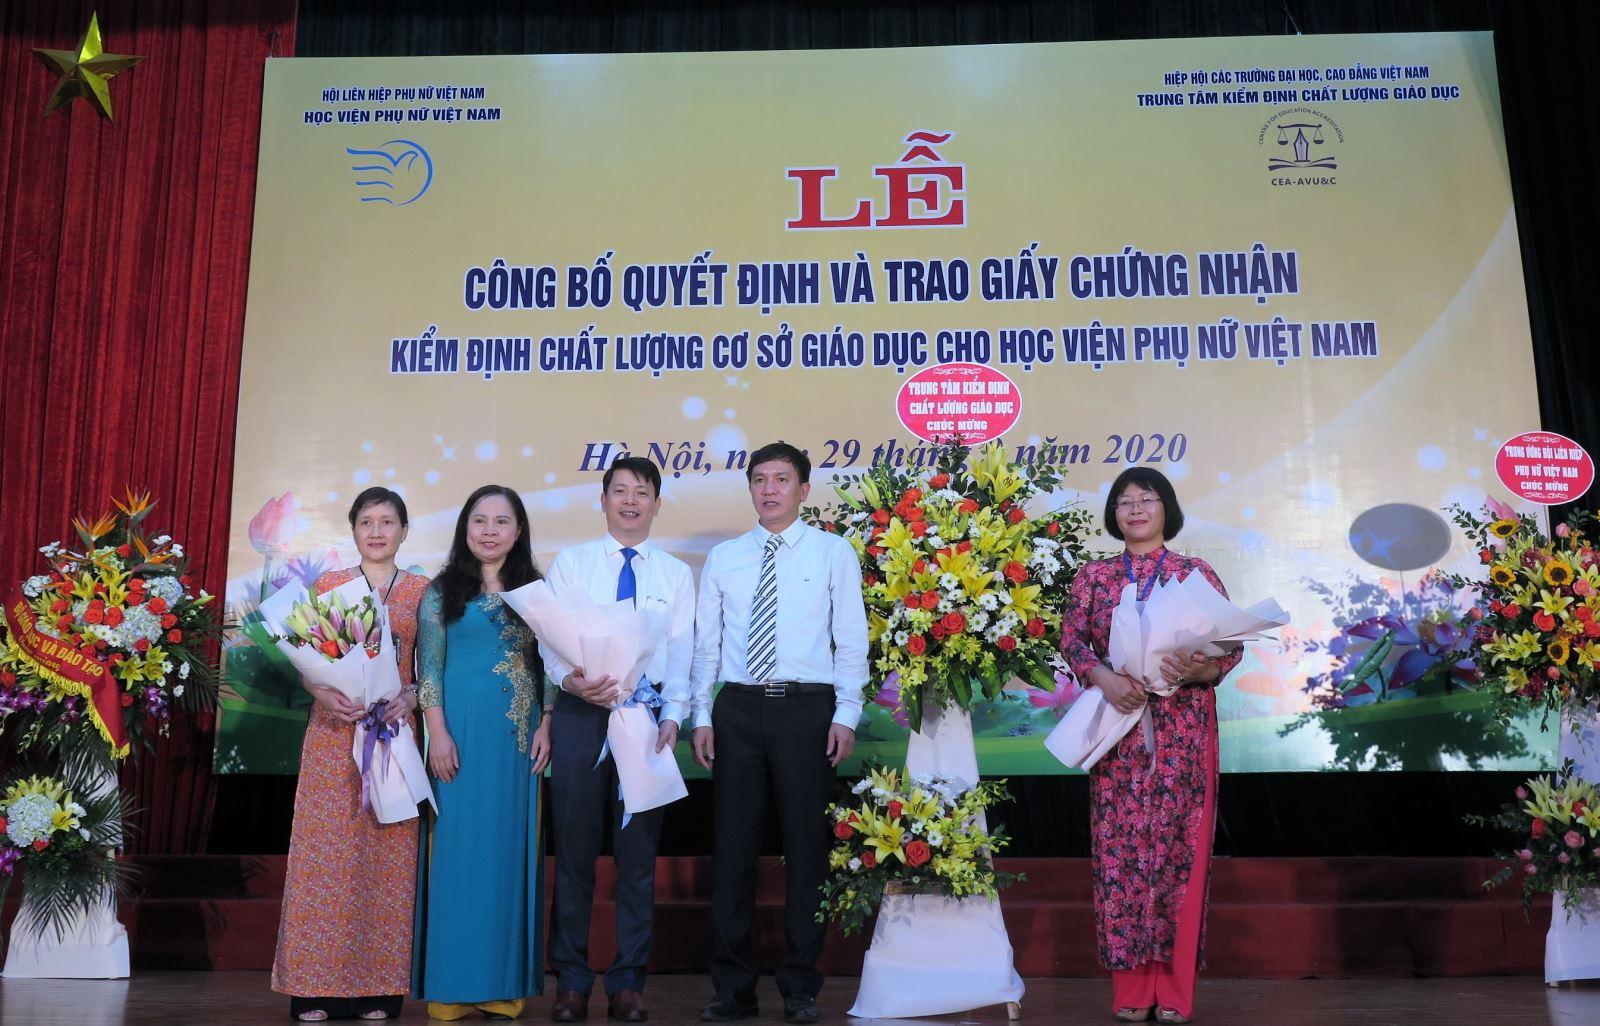 Quá trình Học viện Phụ nữ Việt Nam chuẩn bị đánh giá chất lượng giáo dục